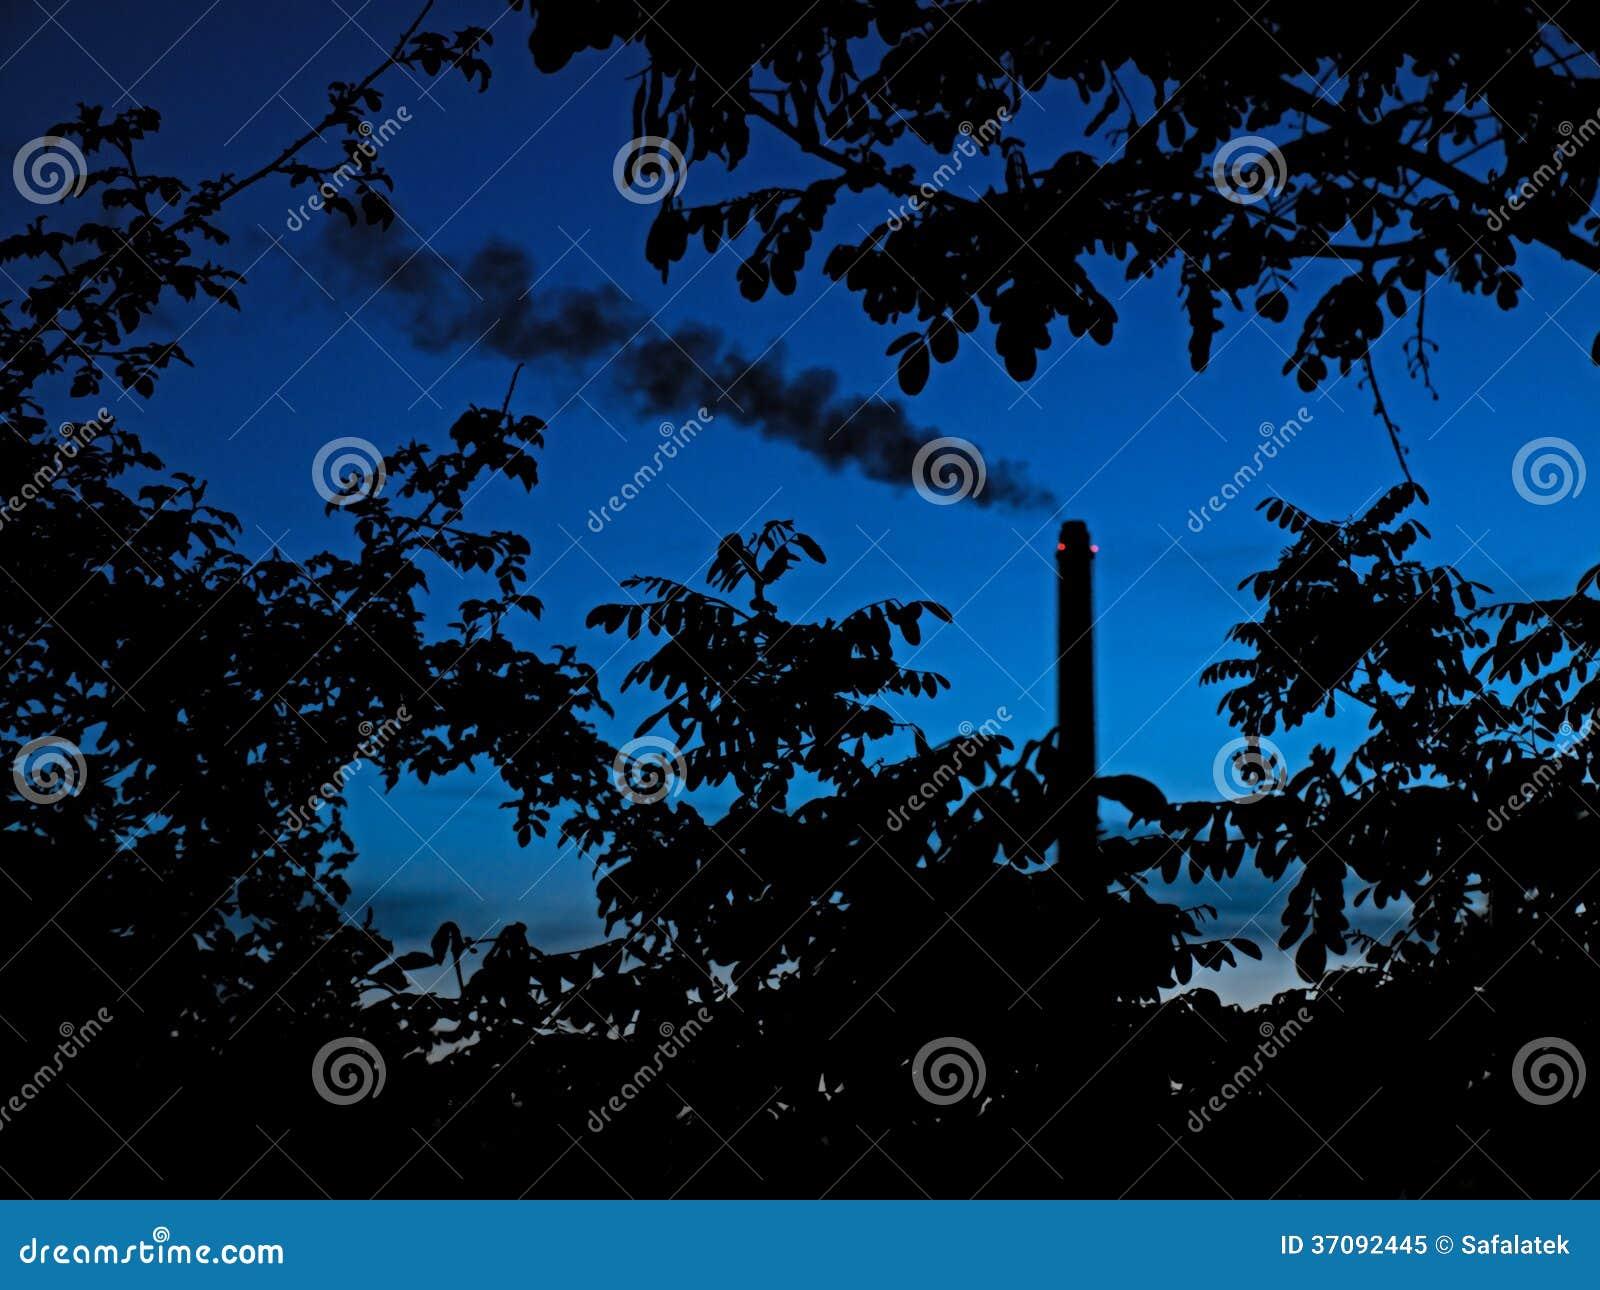 Download Fabryczny komin obraz stock. Obraz złożonej z chmura - 37092445